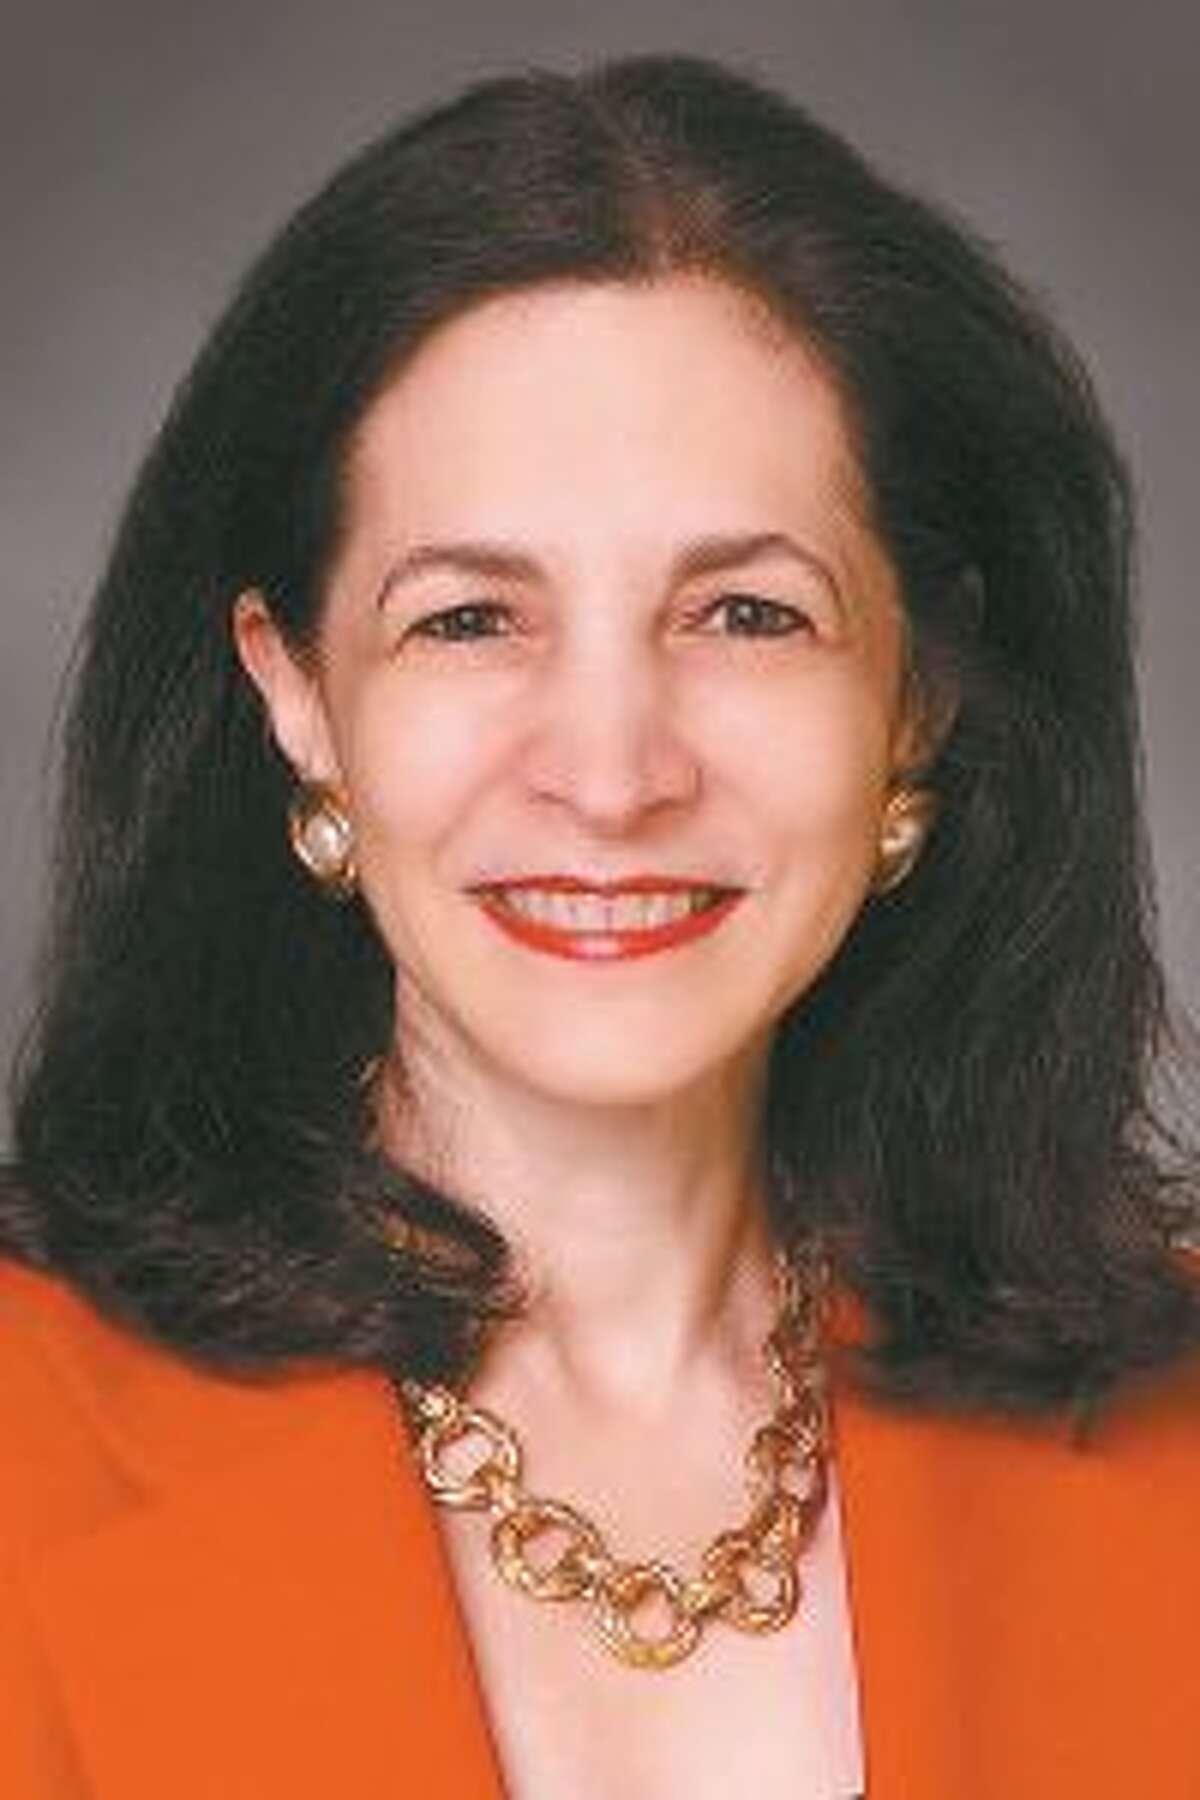 State Rep. Gail Lavielle (R-143)